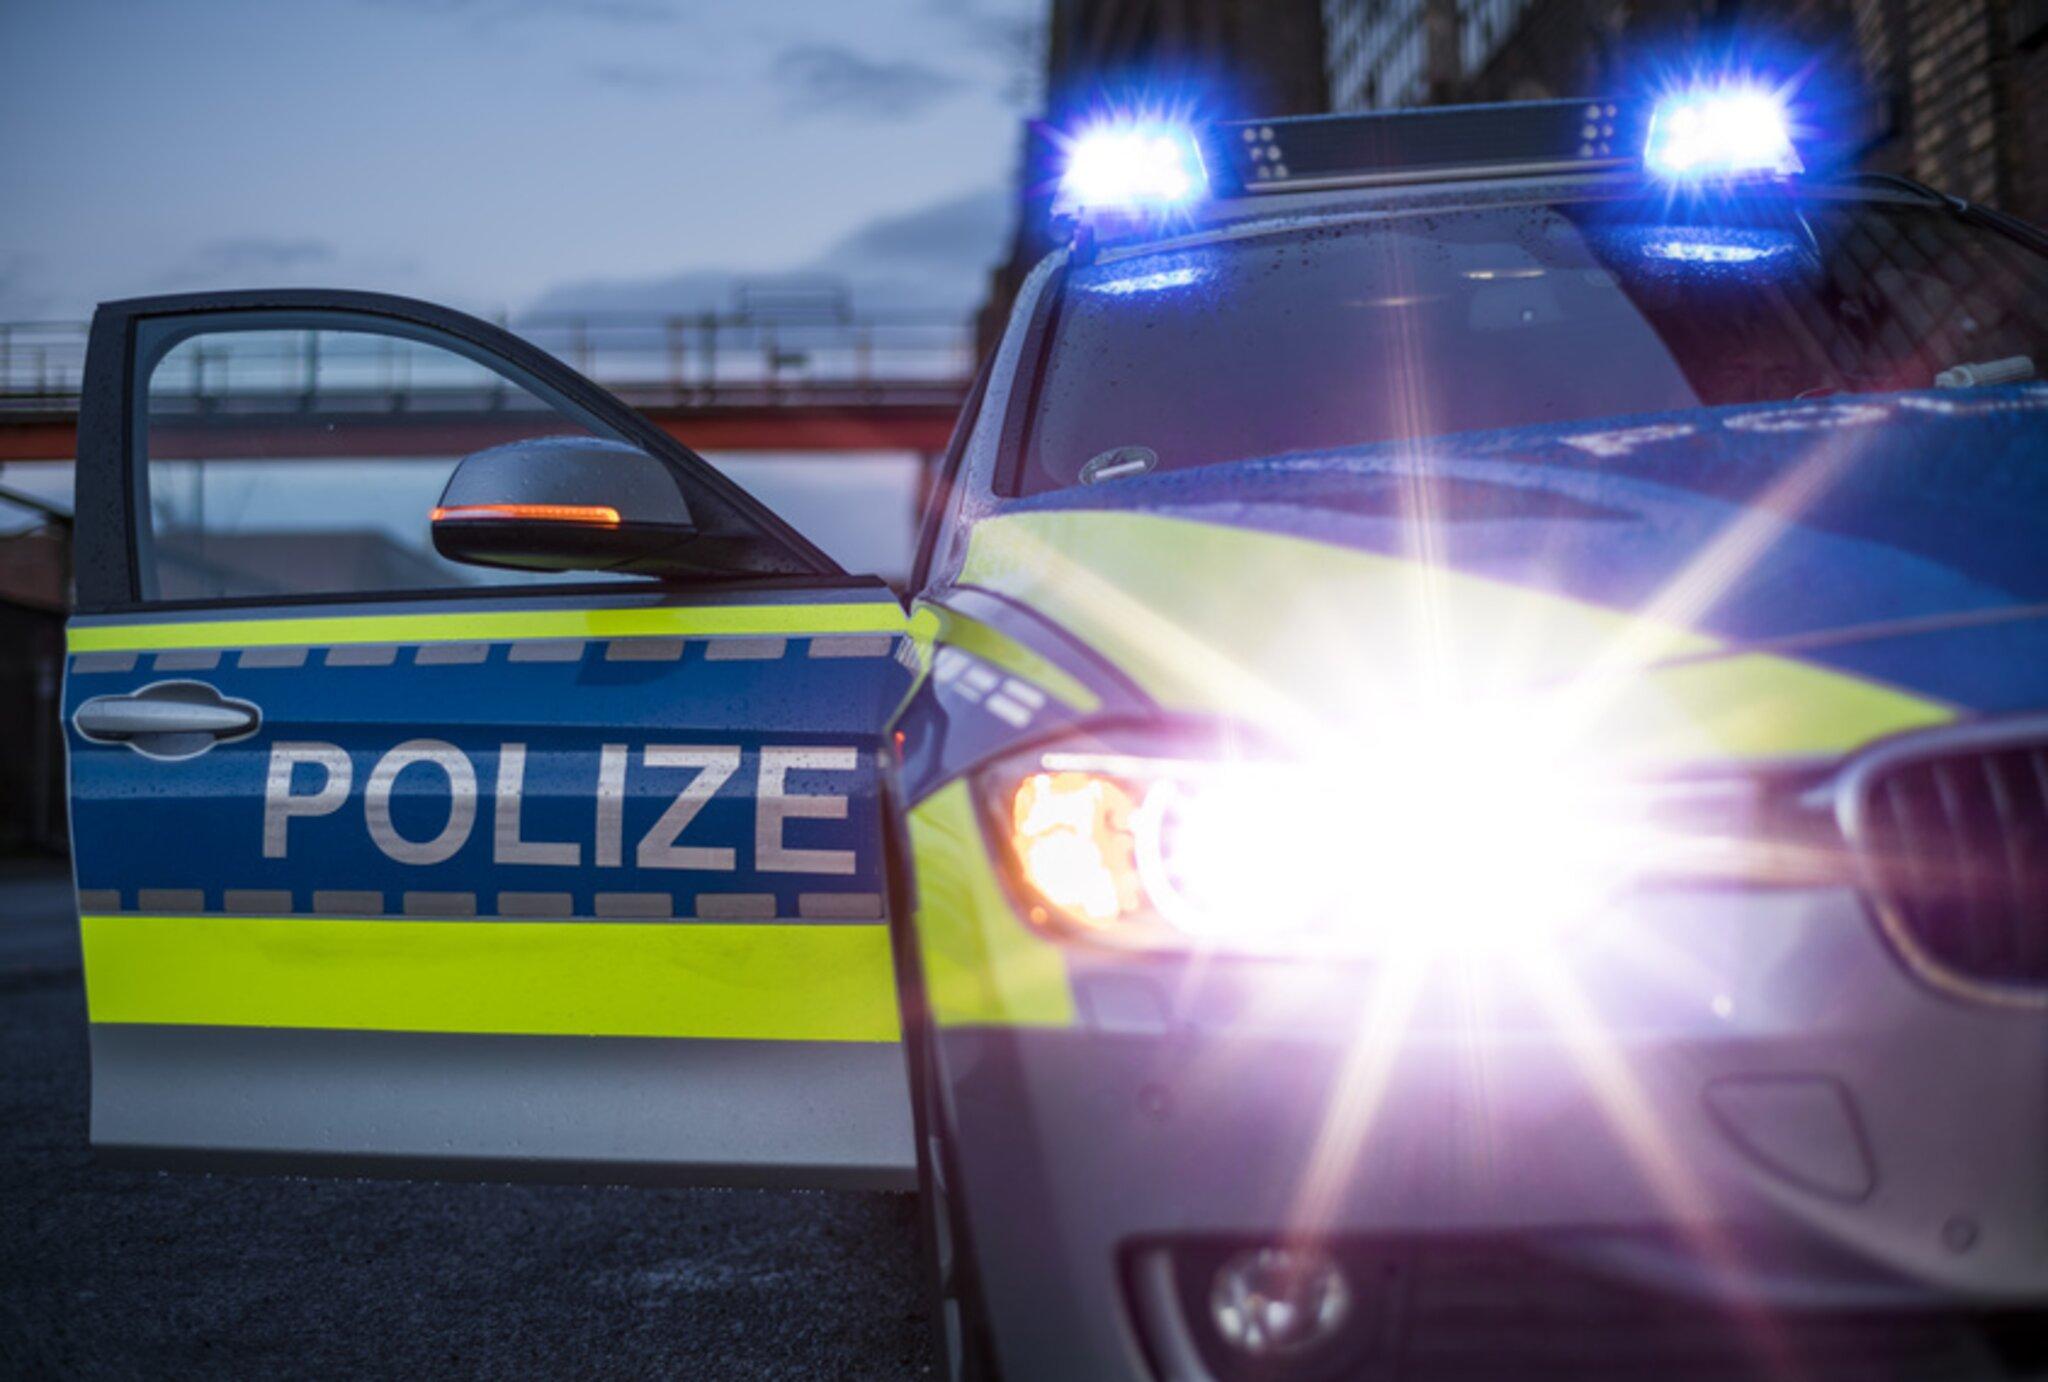 Aschaffenburg-Versuchtes-T-tungsdelikt-Tatverd-chtiger-in-Untersuchungshaft